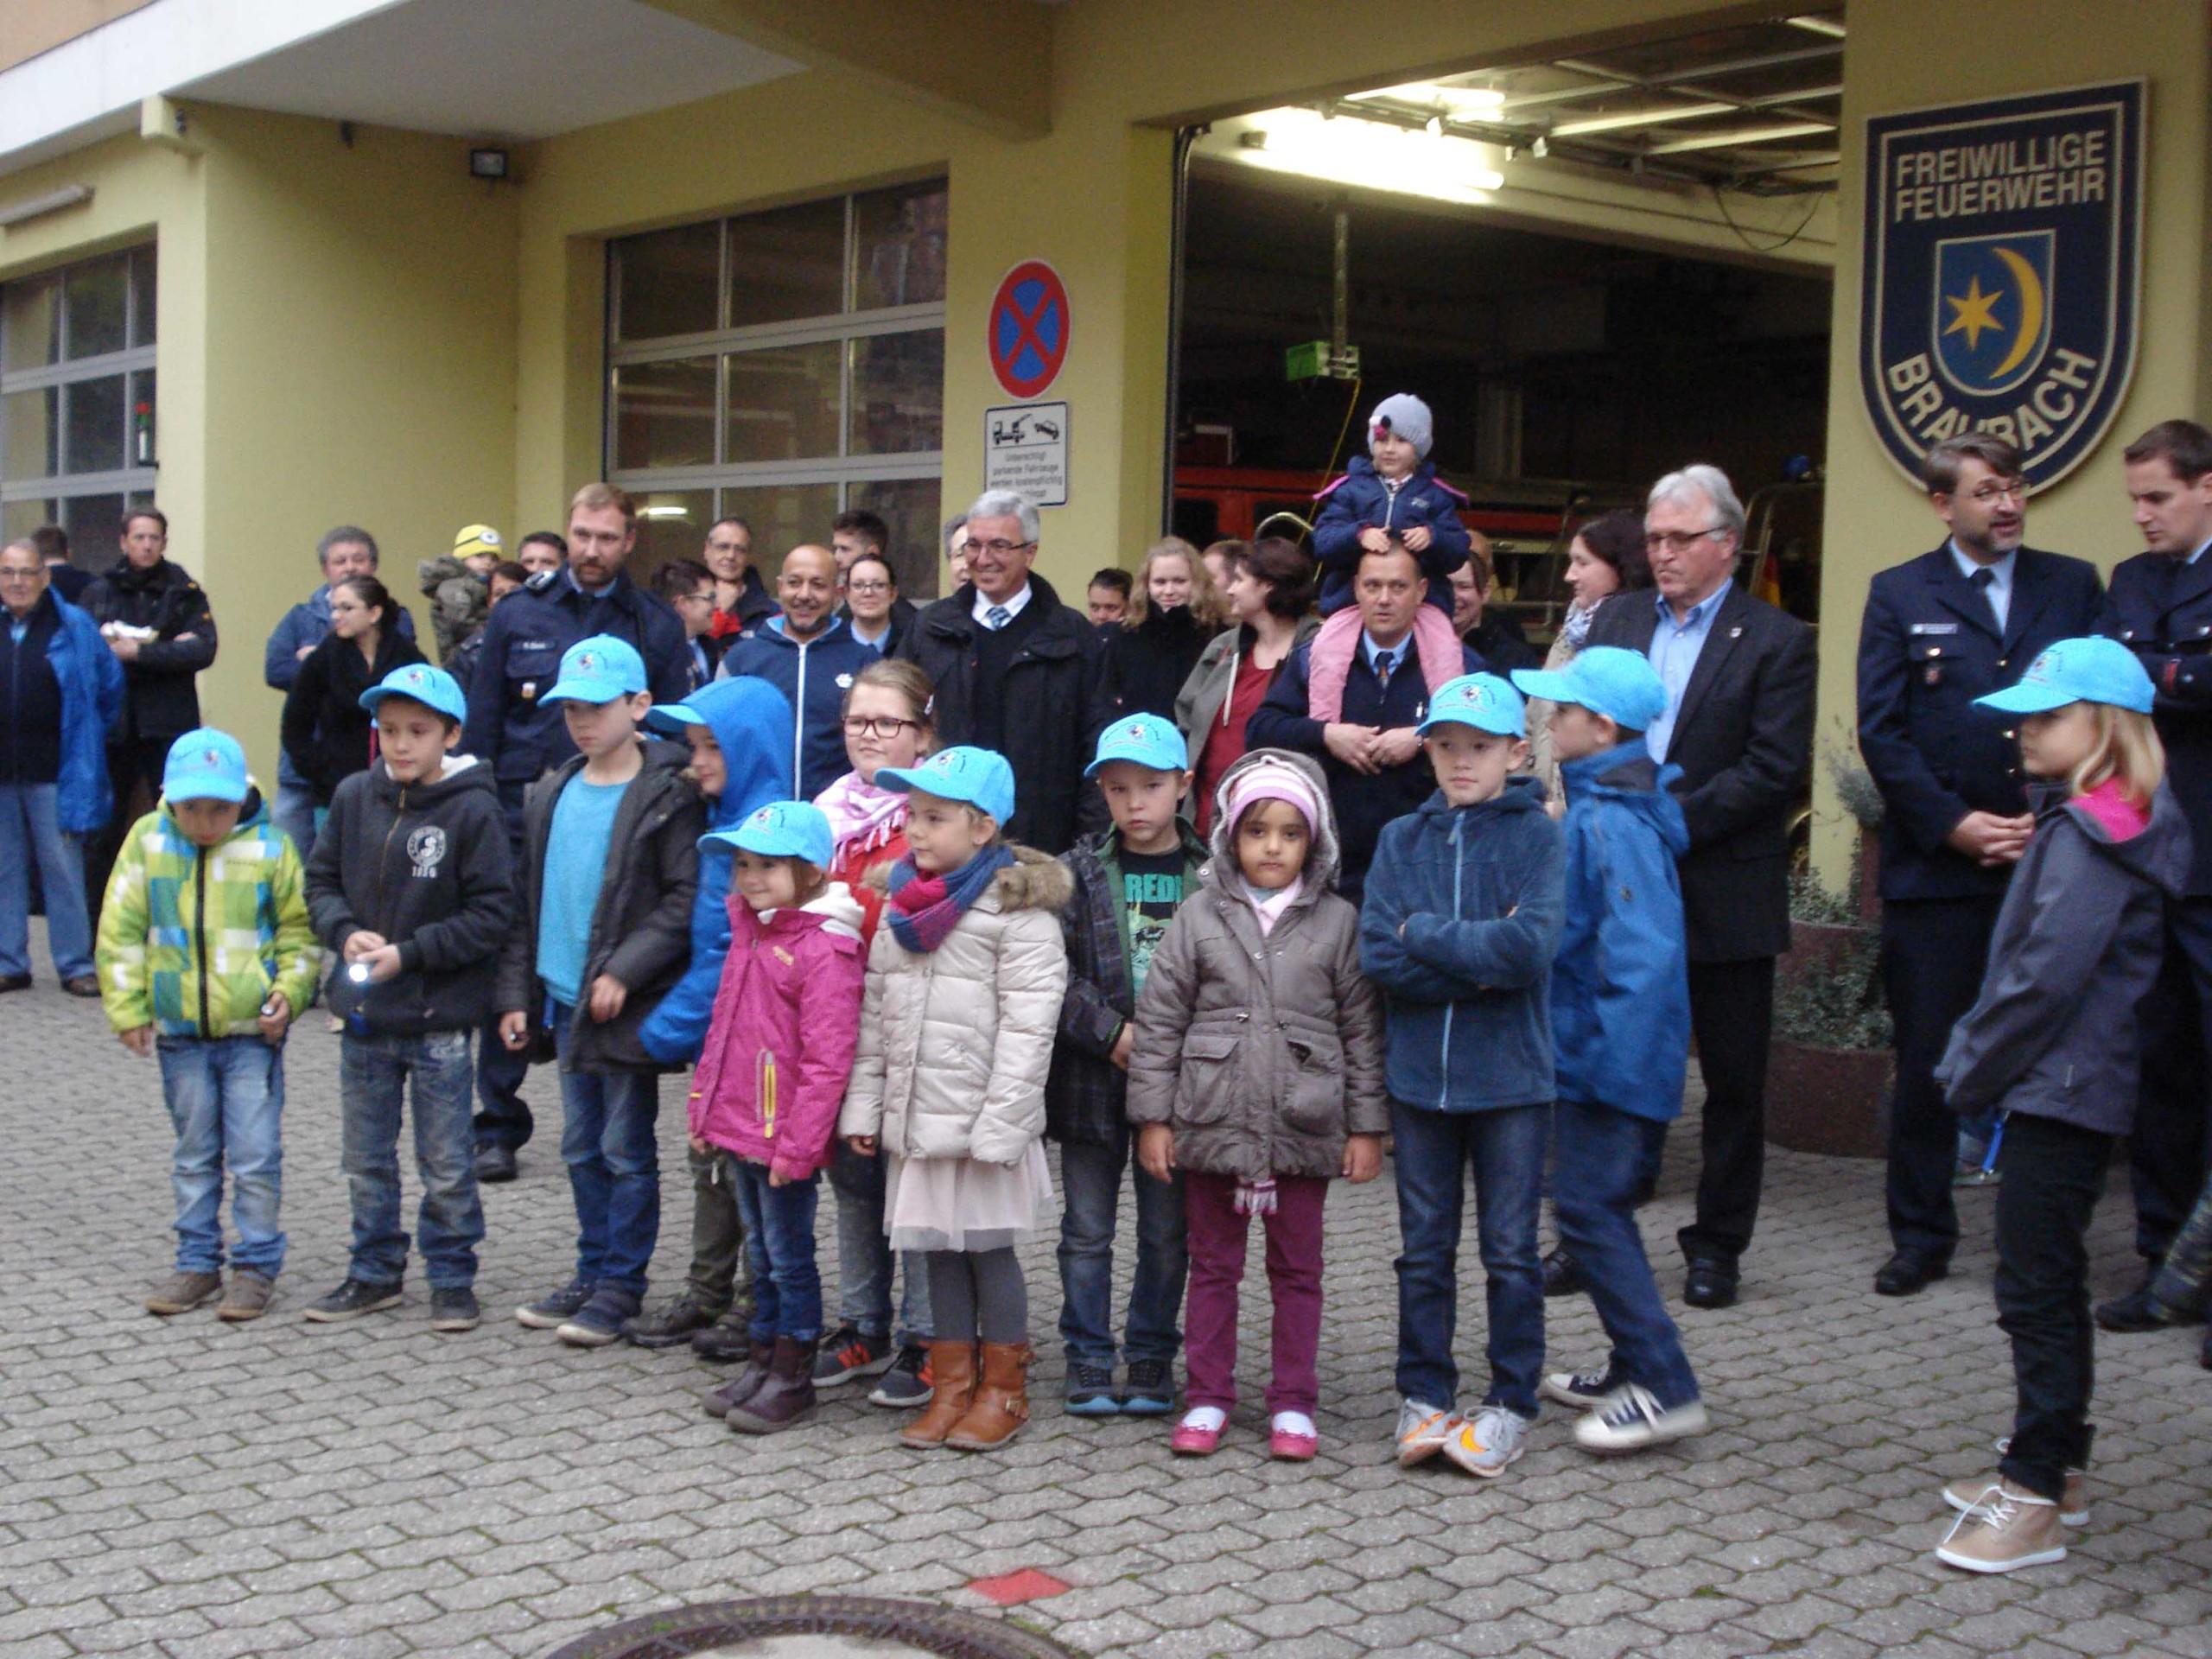 Bambini-Feuerwehr Braubach